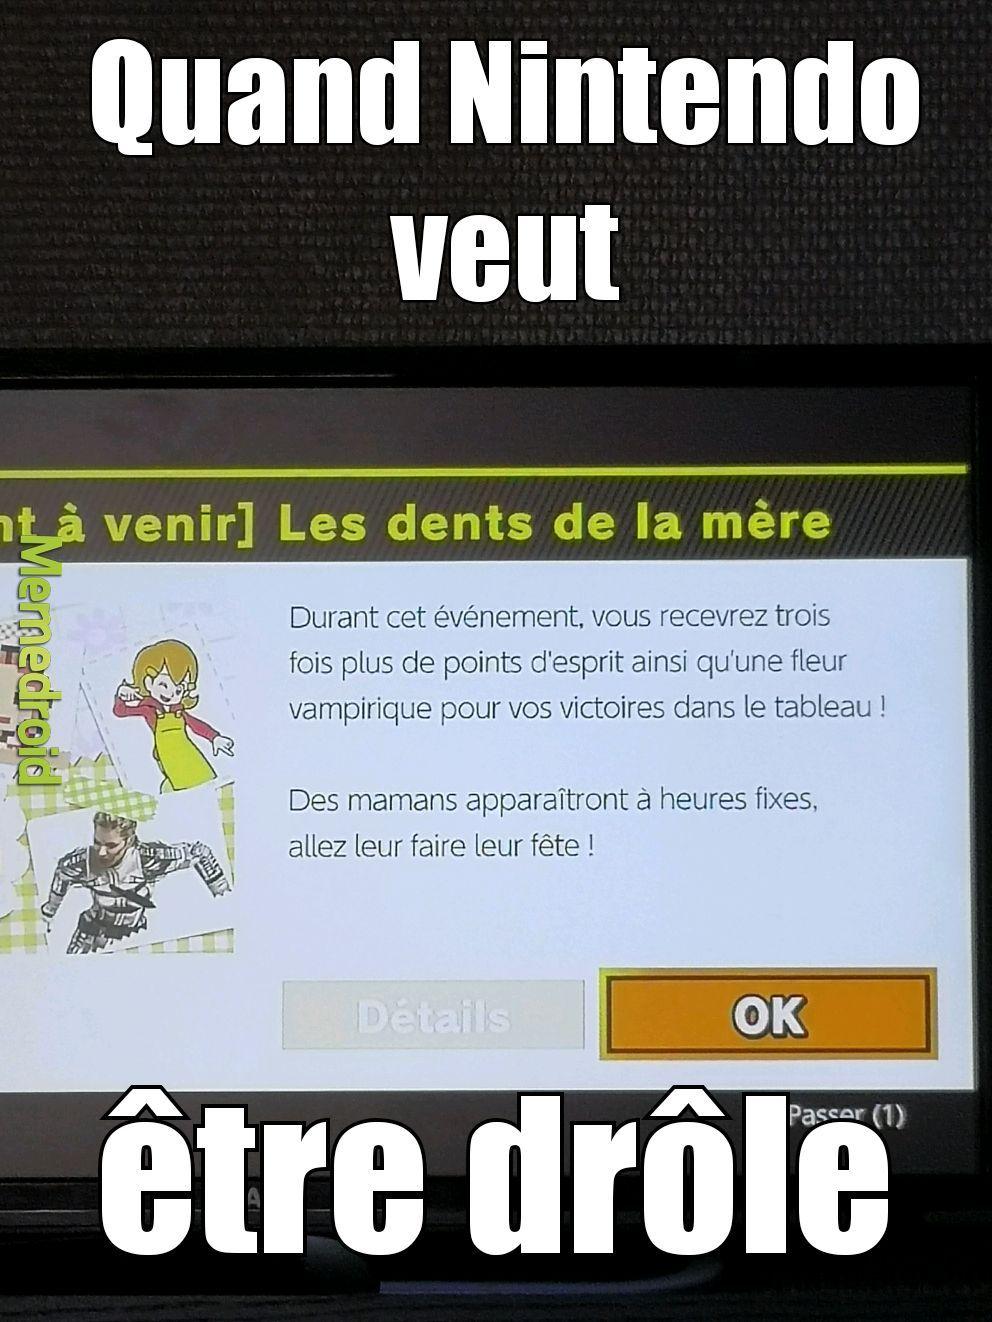 Vive Nintendo - meme